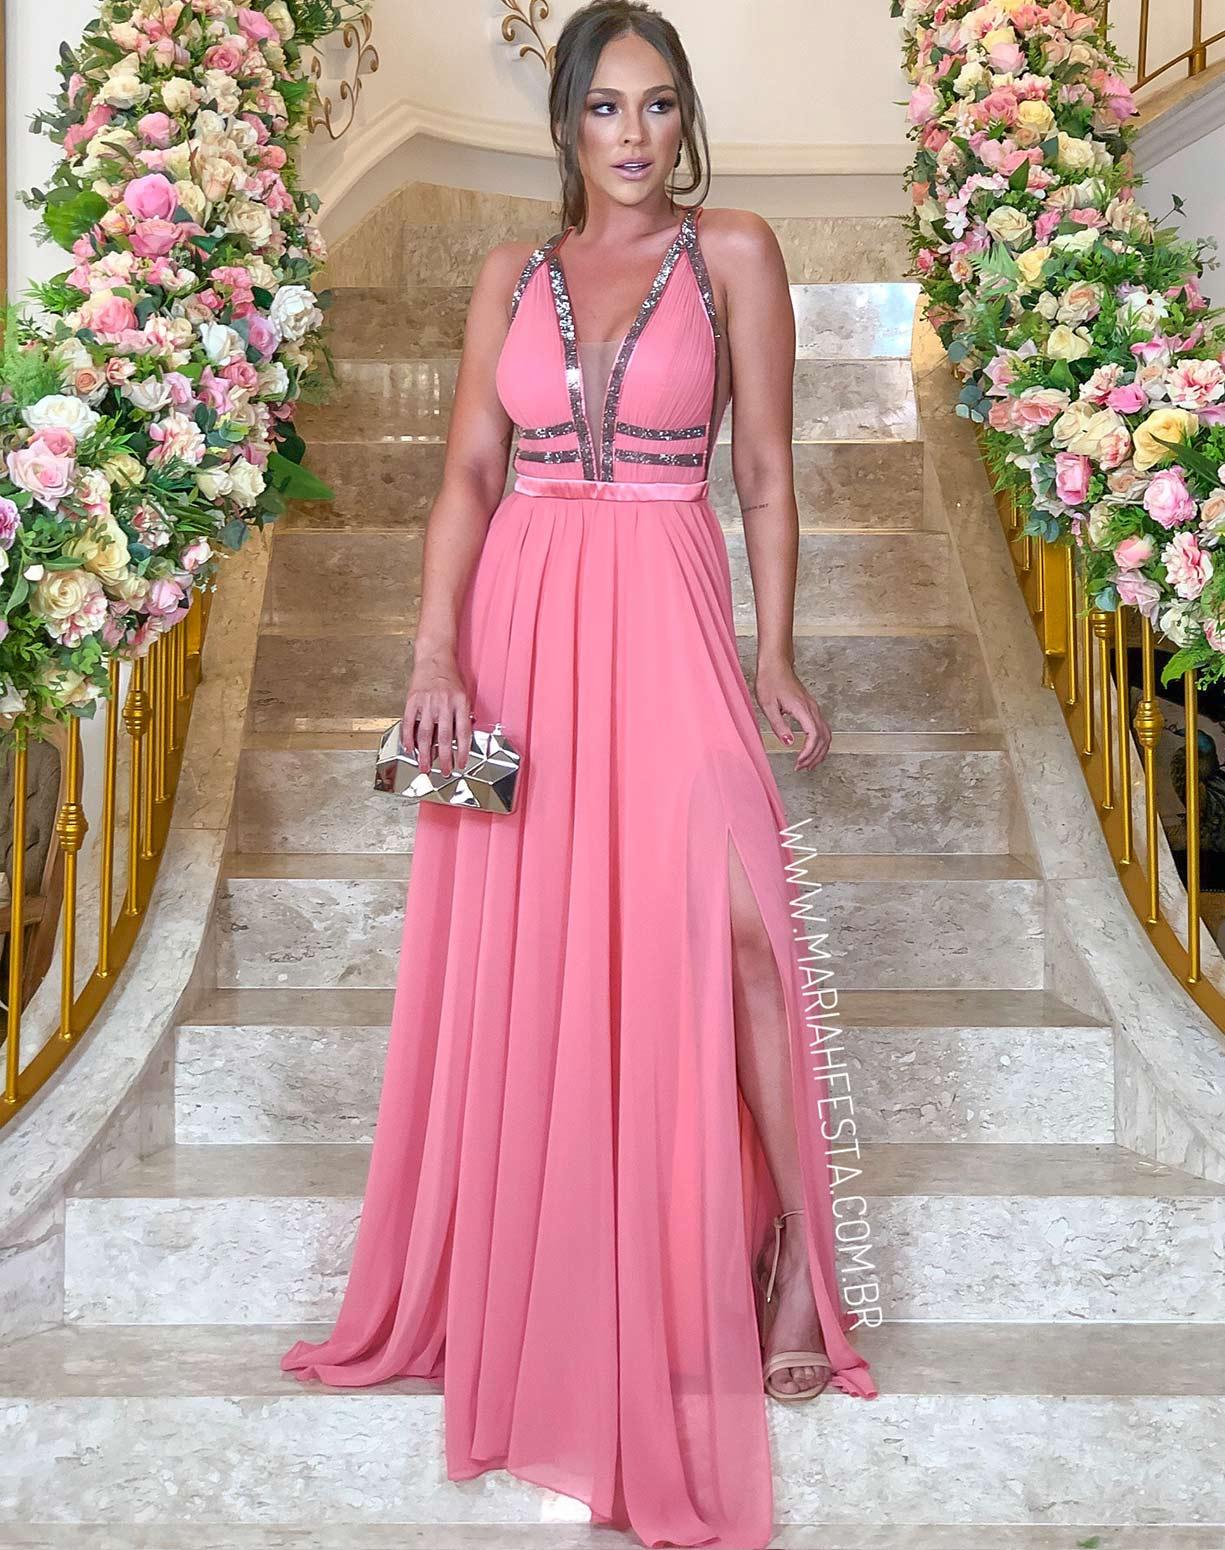 Vestido Rosa com Busto Plissado e Detalhes em Brilho